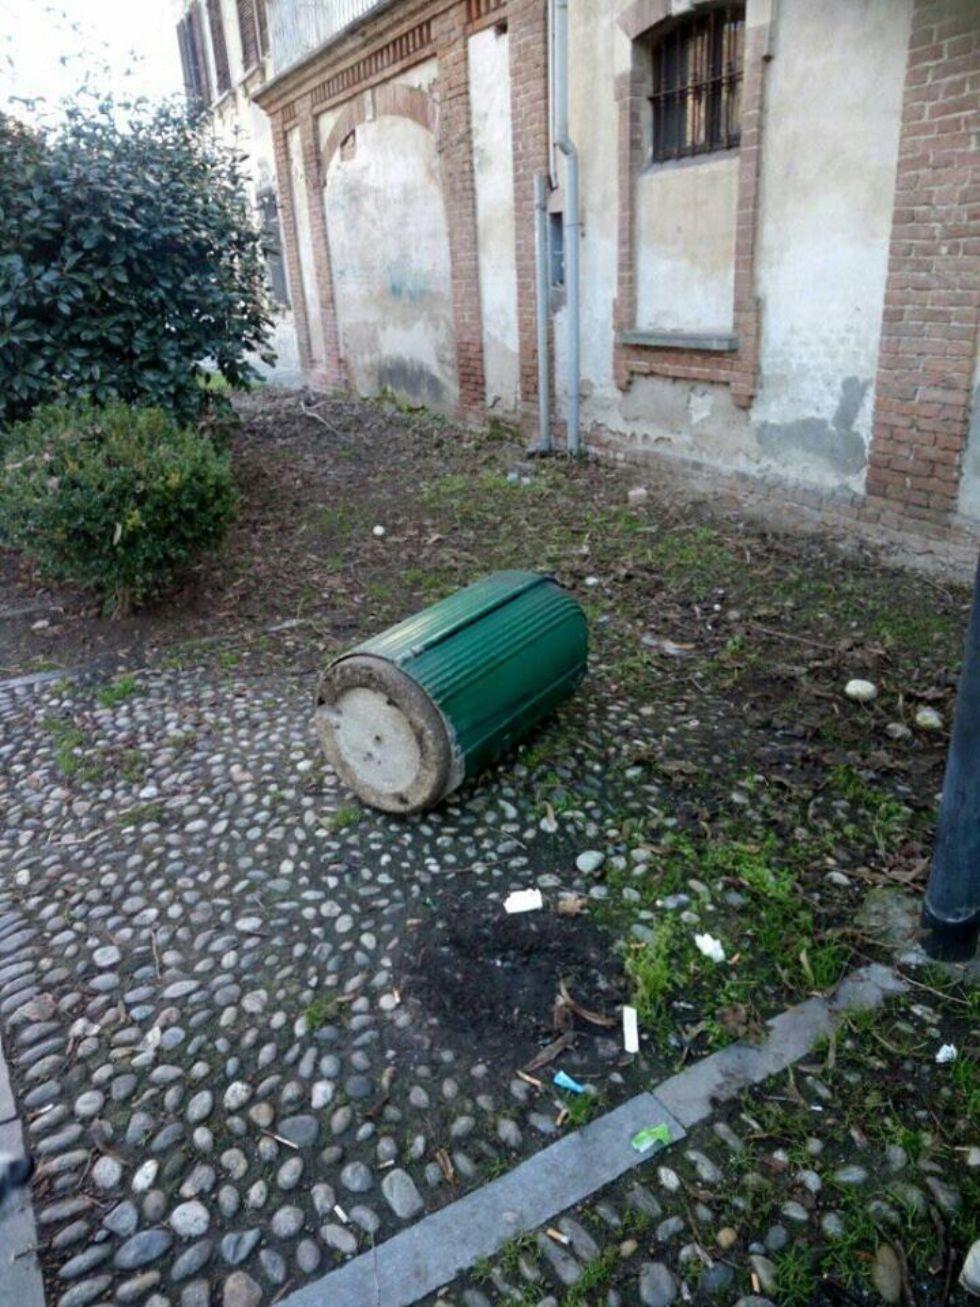 CARMAGNOLA - Rovesciati i cestini dei rifiuti in via Barbaroux: vandali in azione